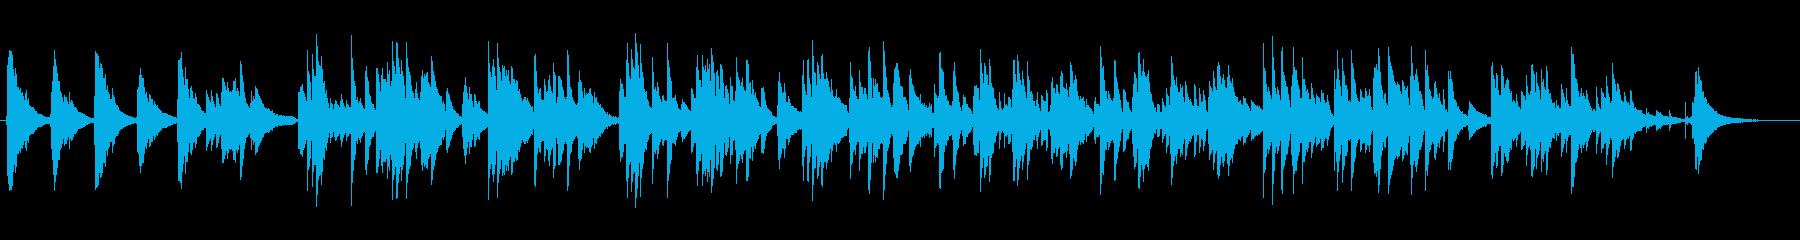 優しく癒すギターサウンドの再生済みの波形